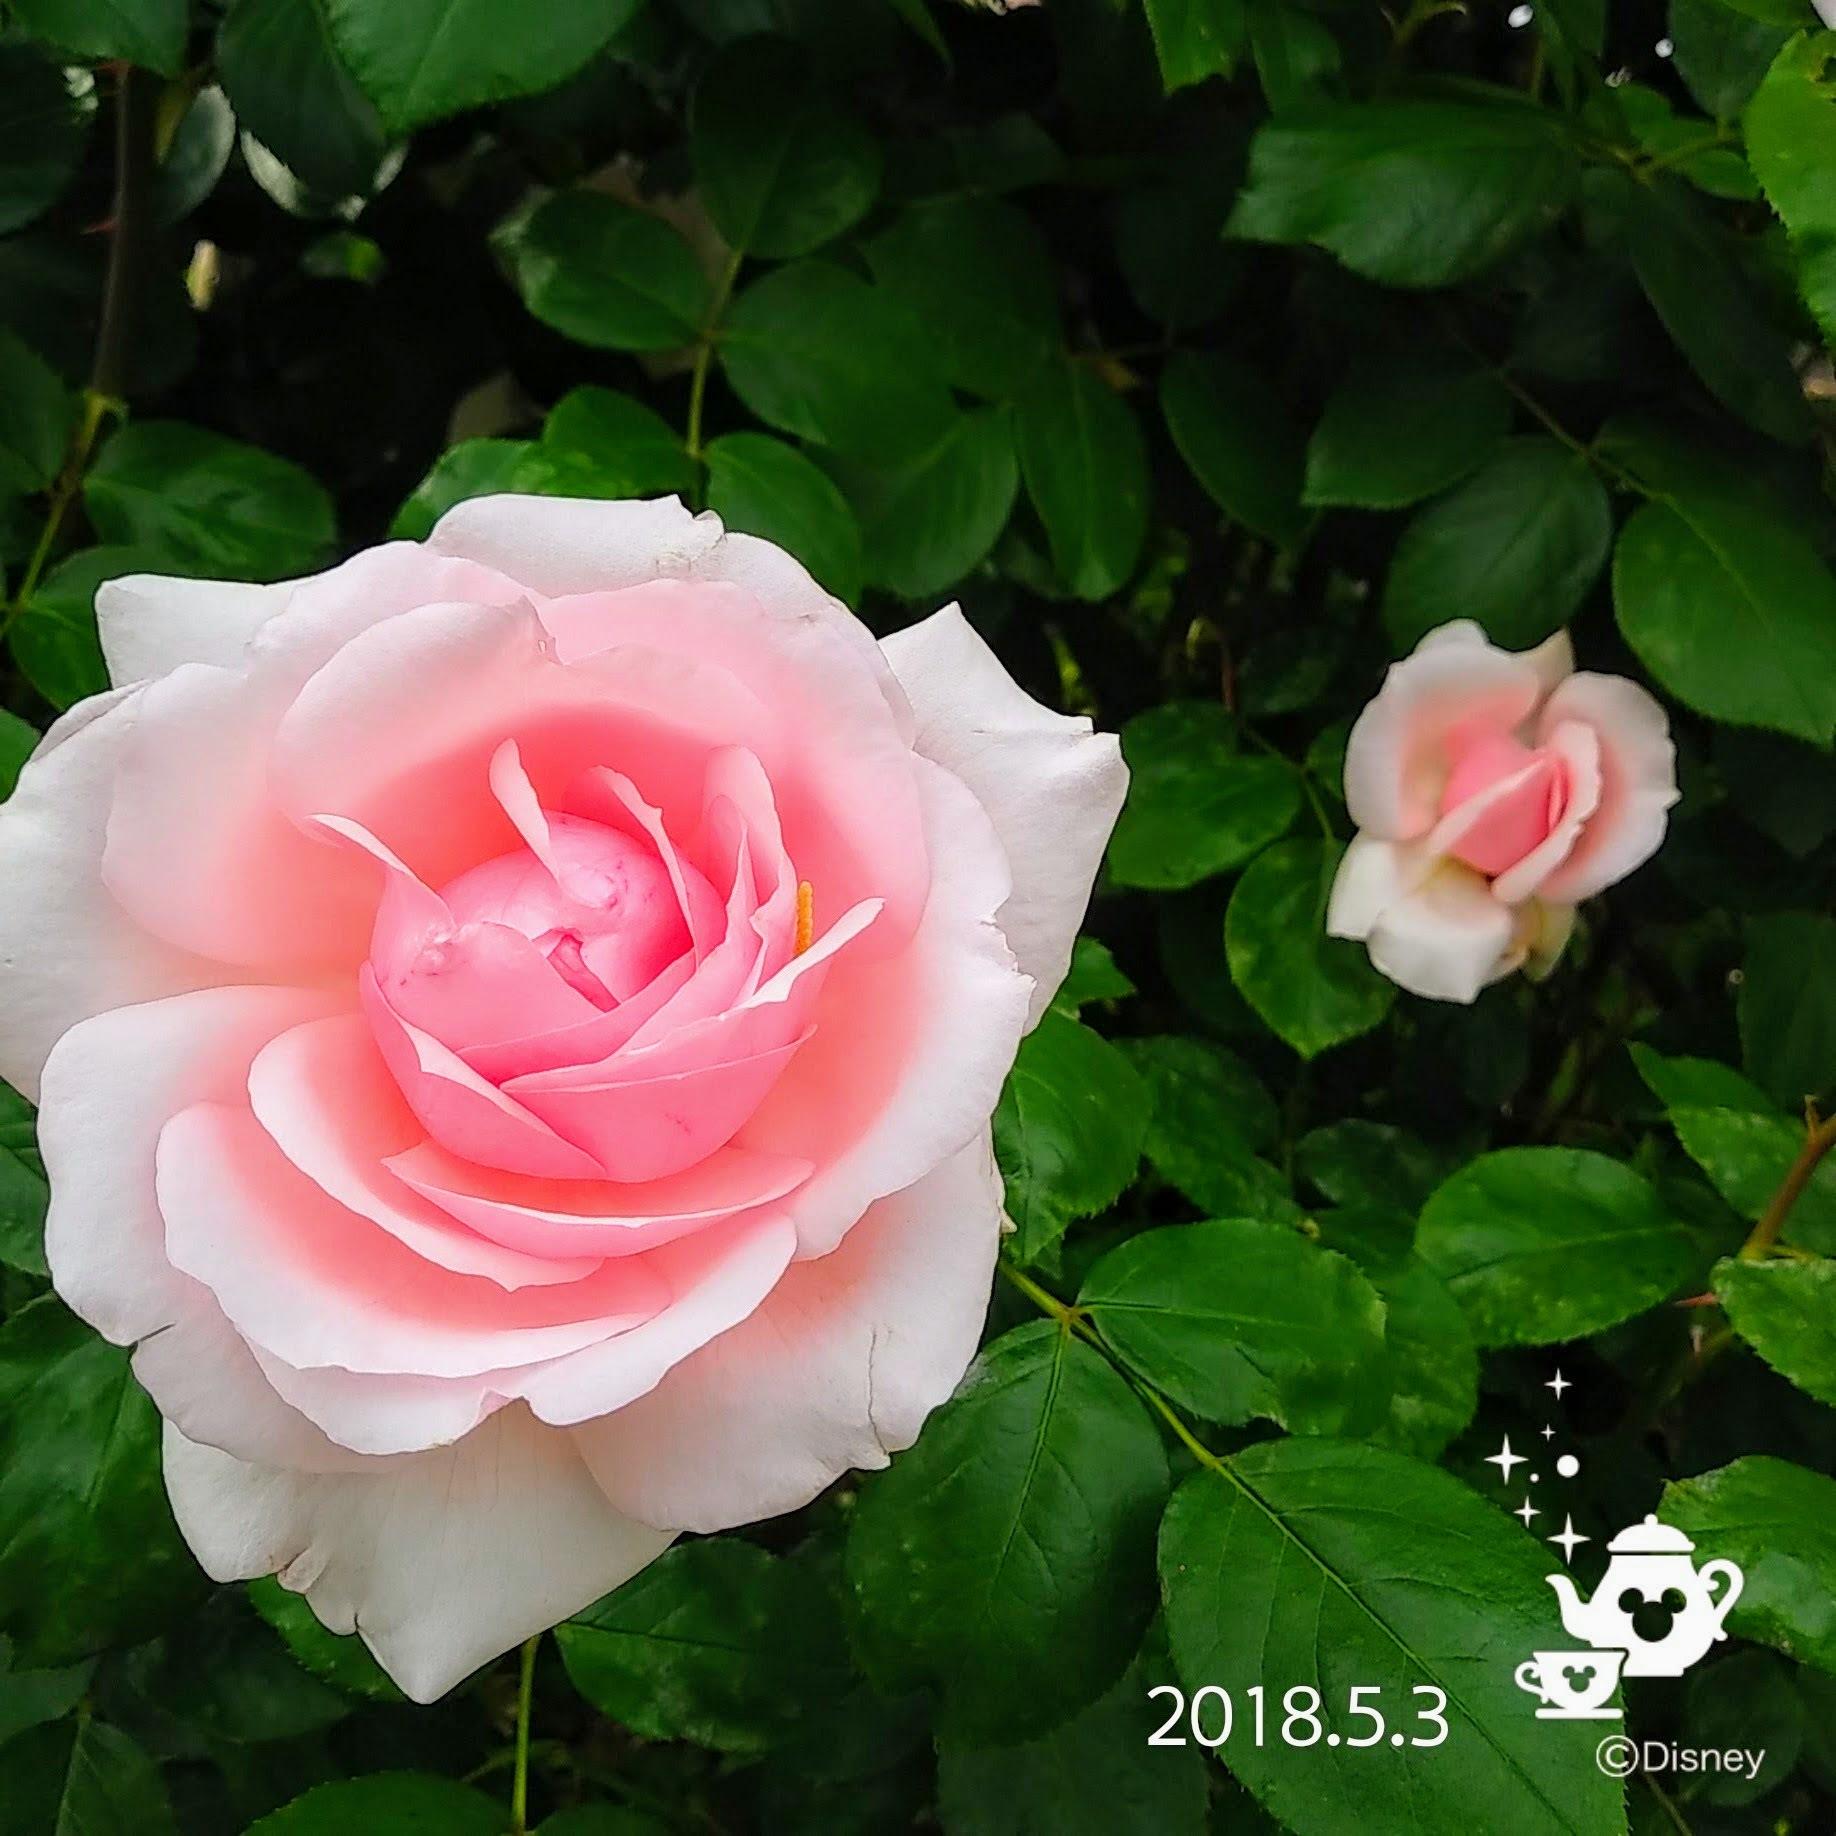 f0262033_16540971.jpg